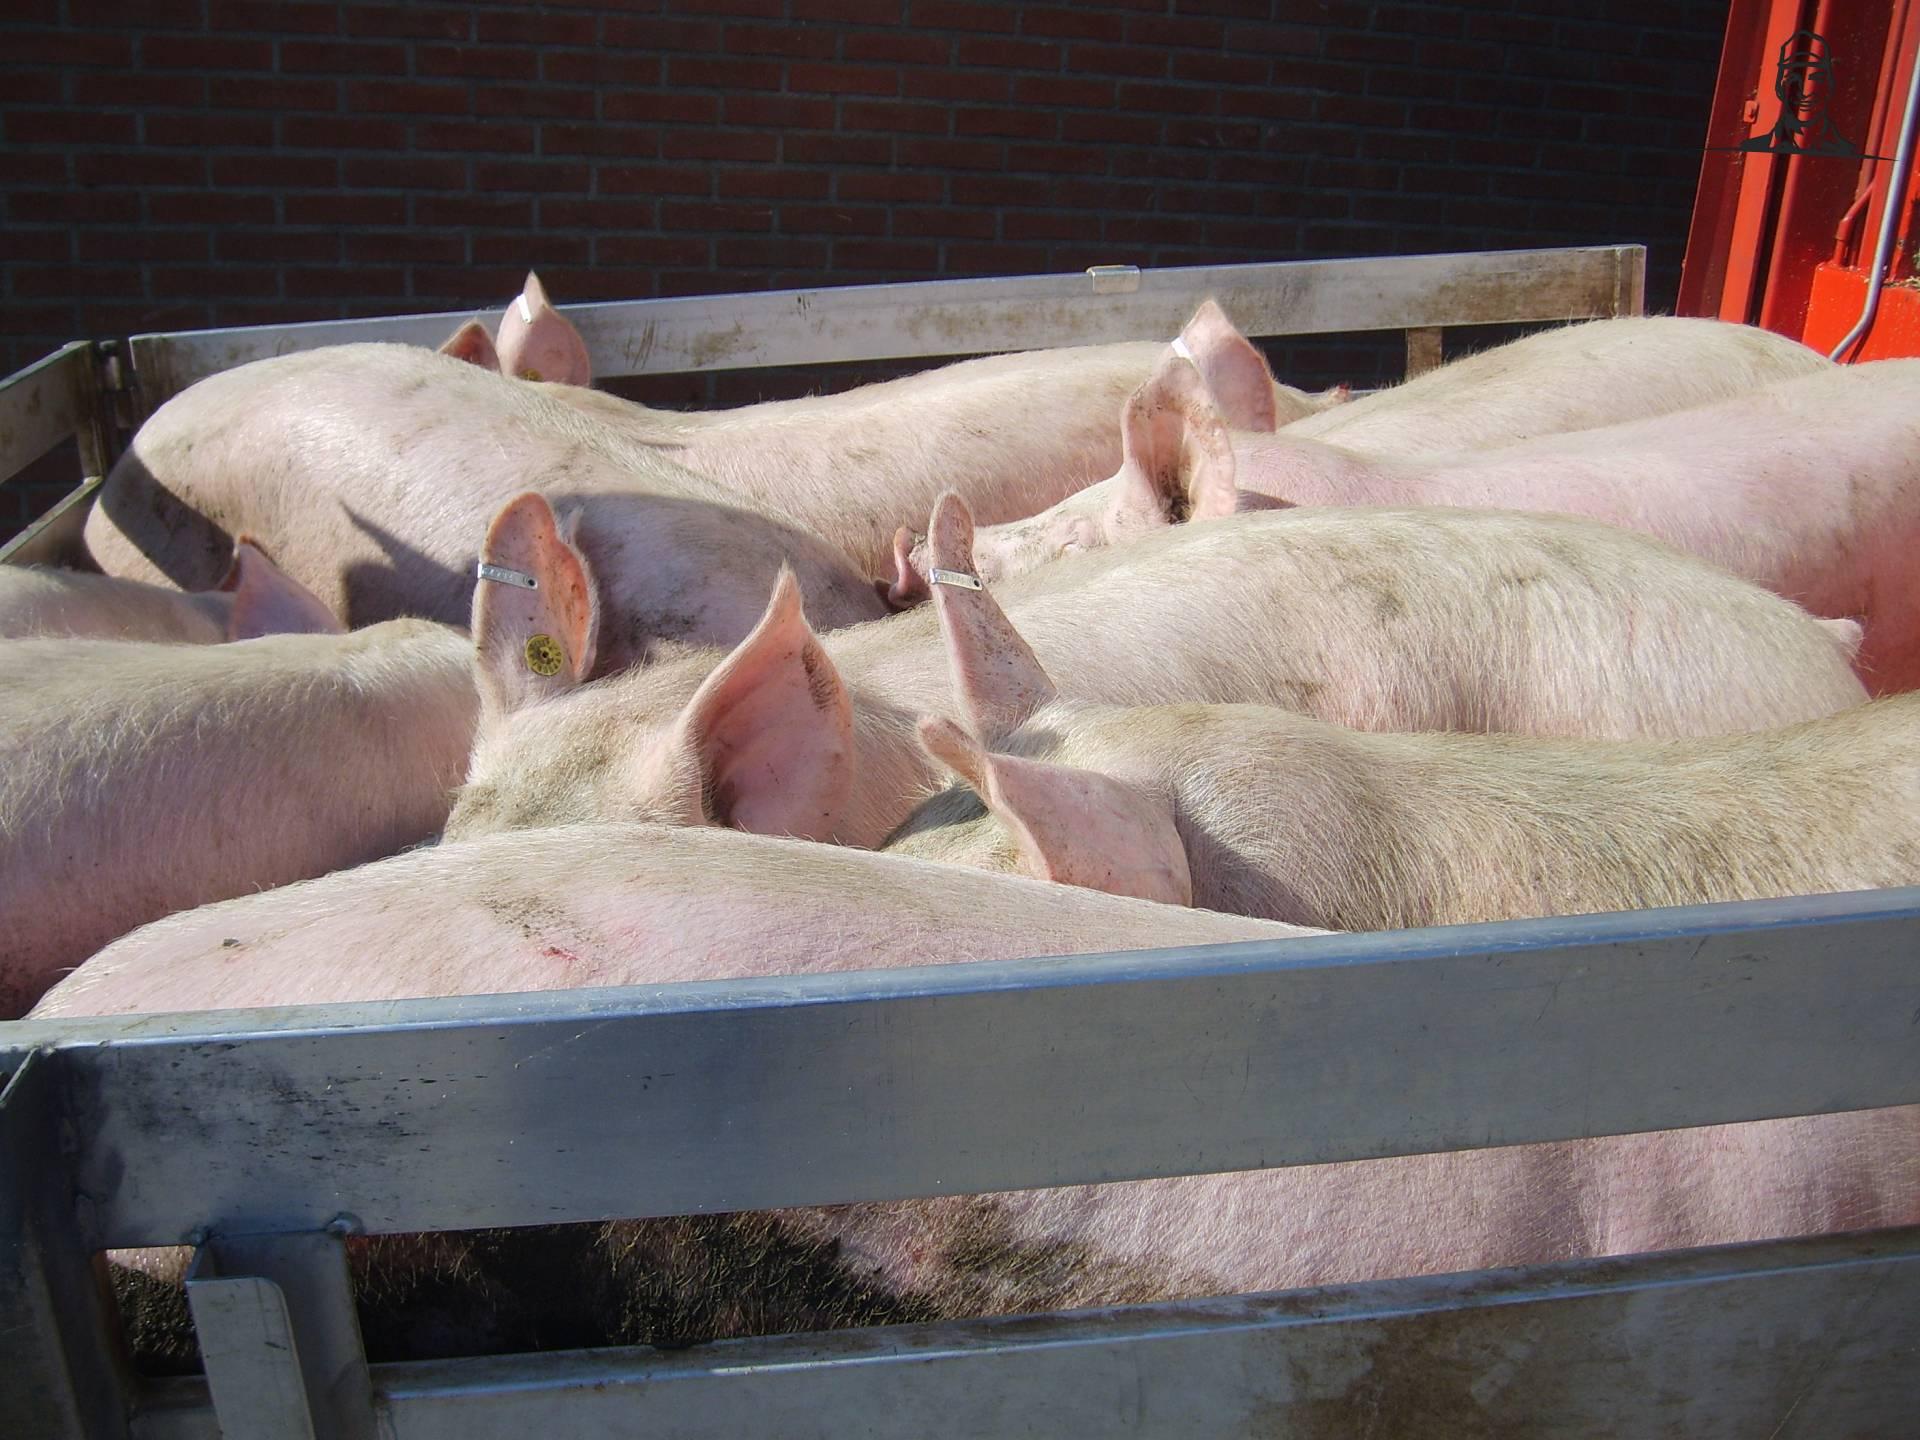 De laatste varkens gaan weg van JD 8530